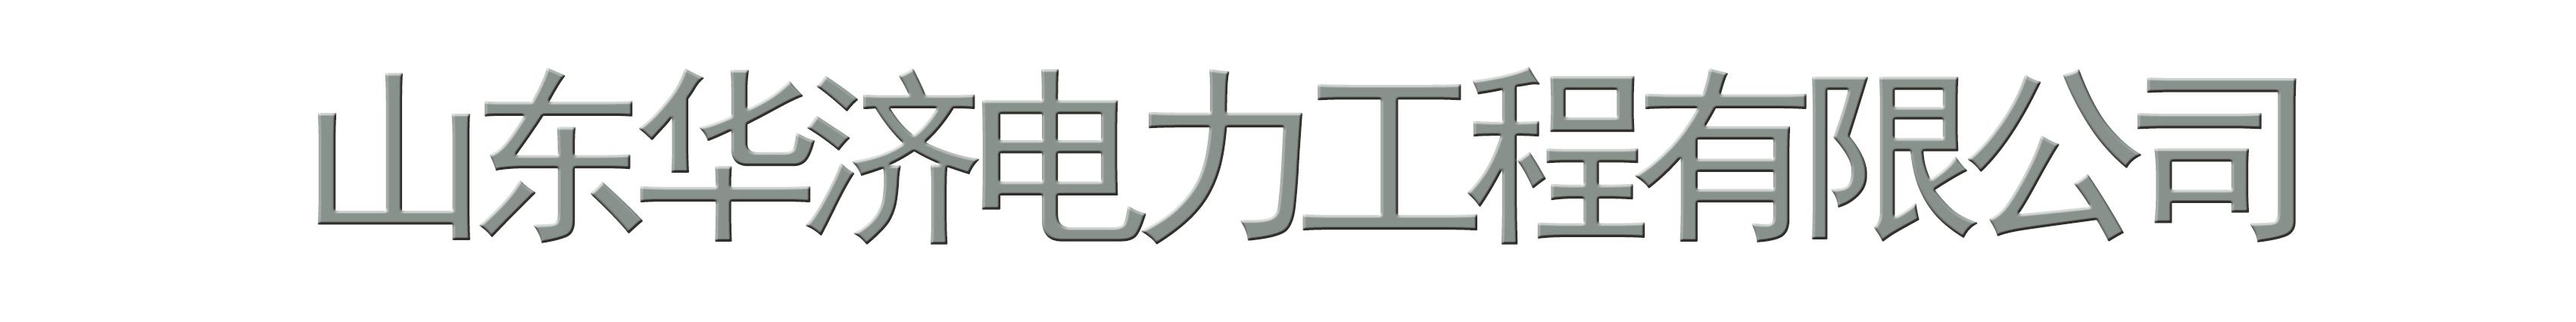 山东华济电力工程有限公司